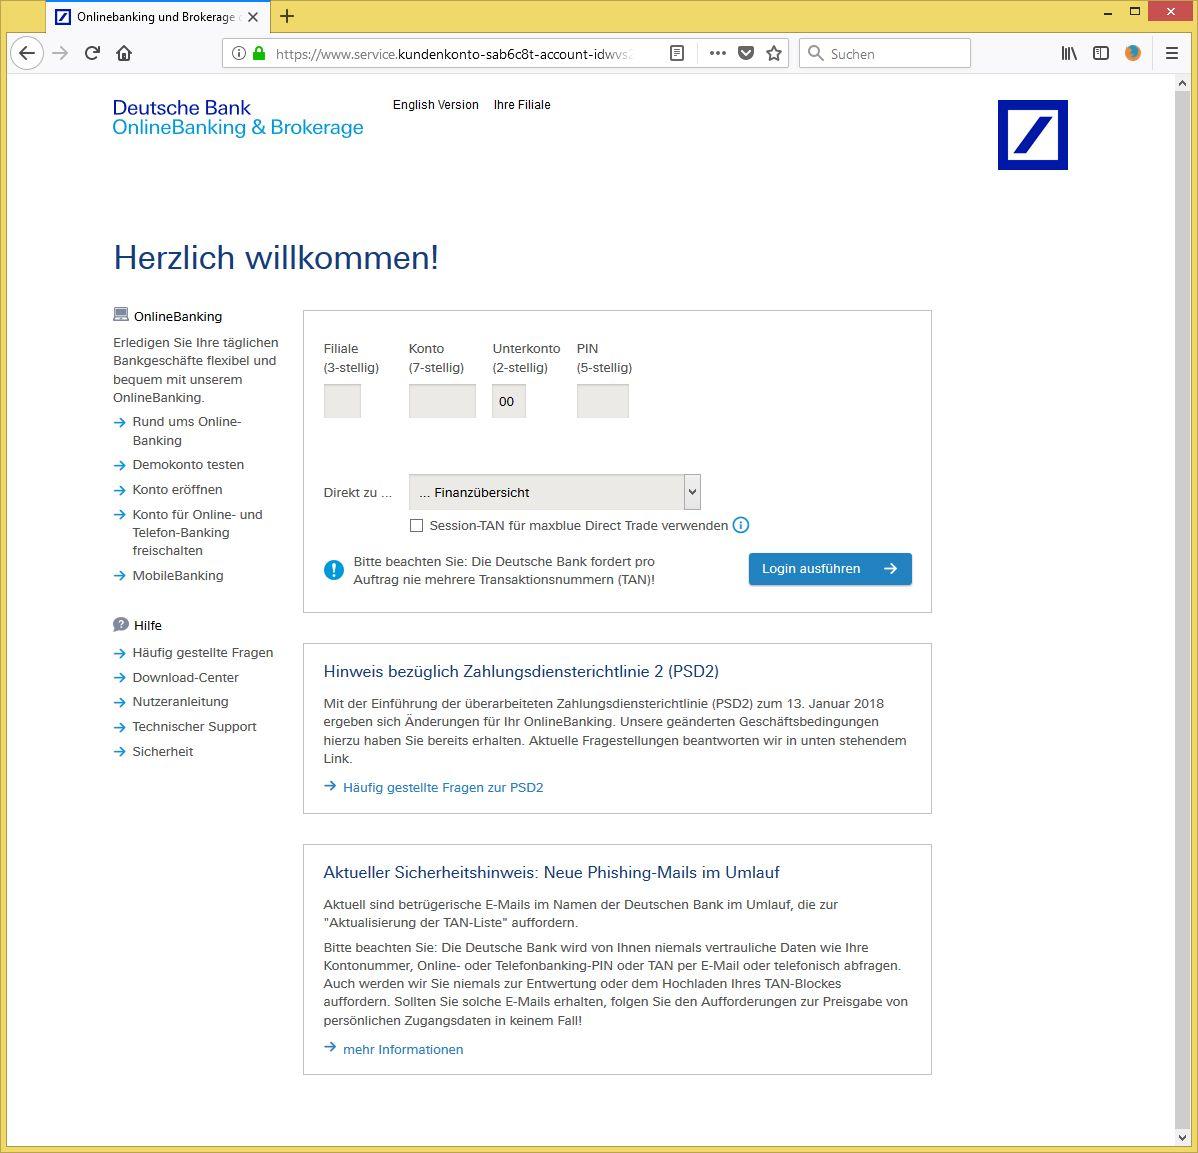 Deutsche Bank Email